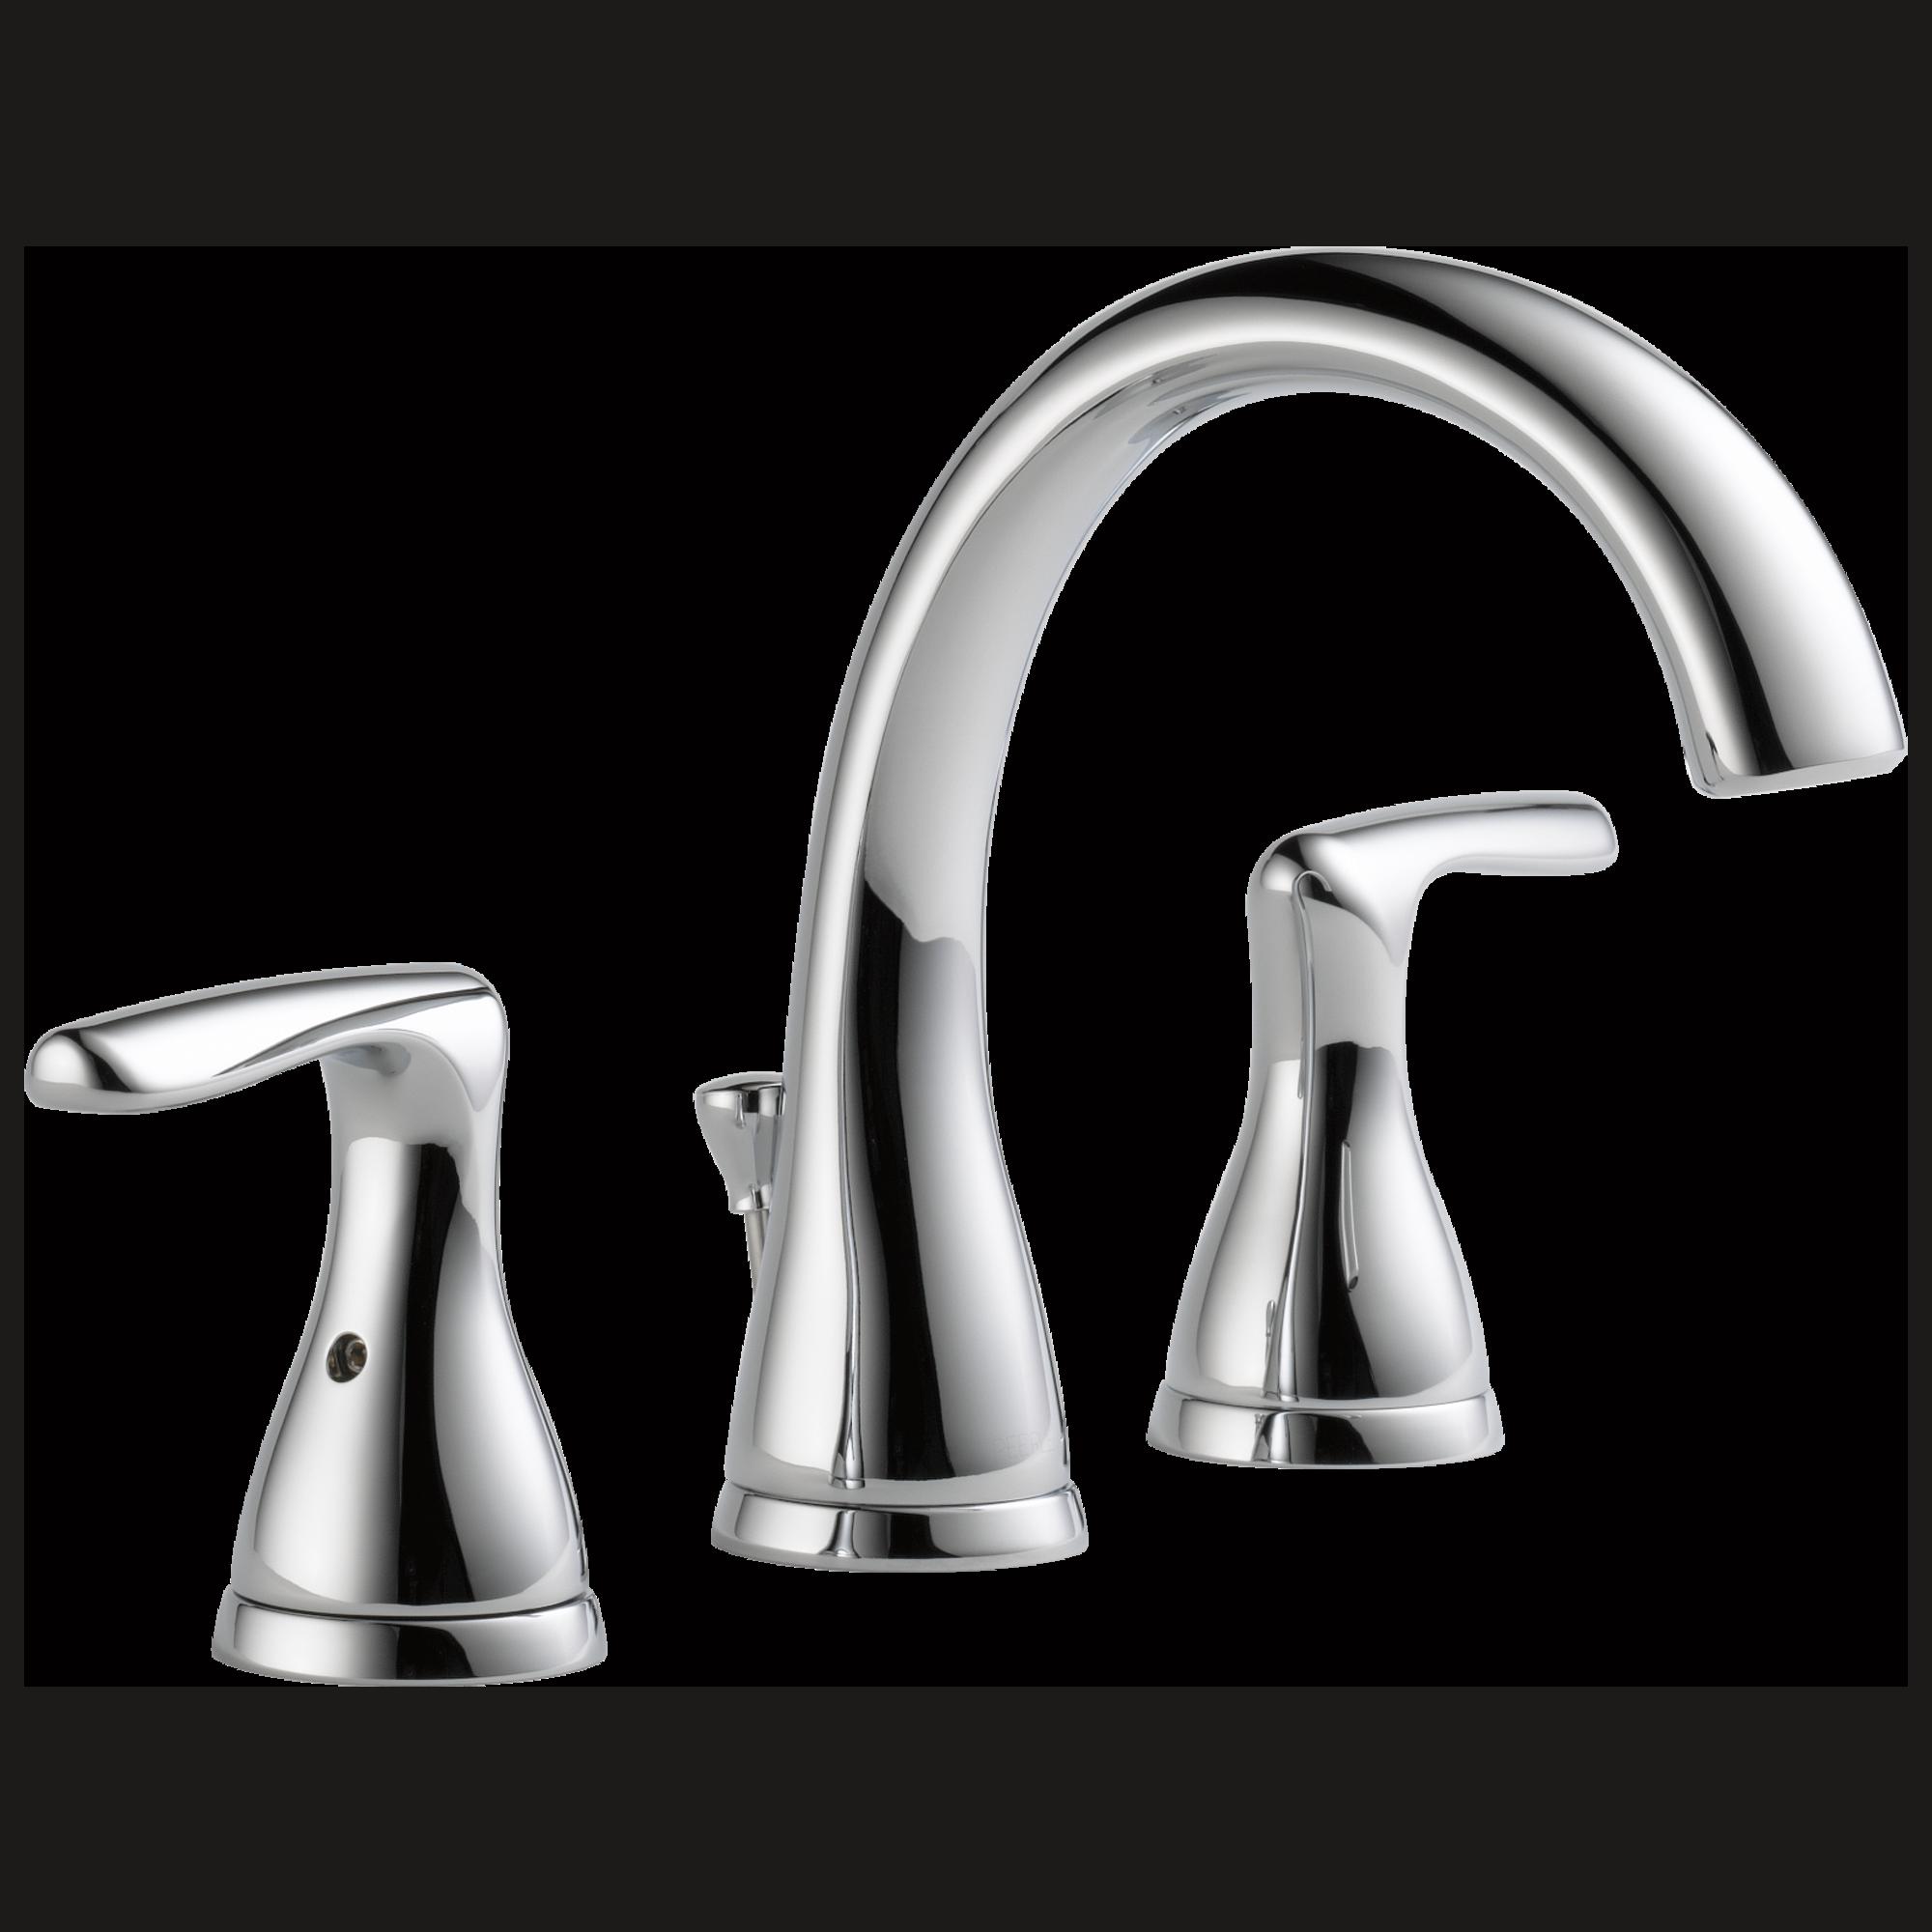 Bathroom Faucets: